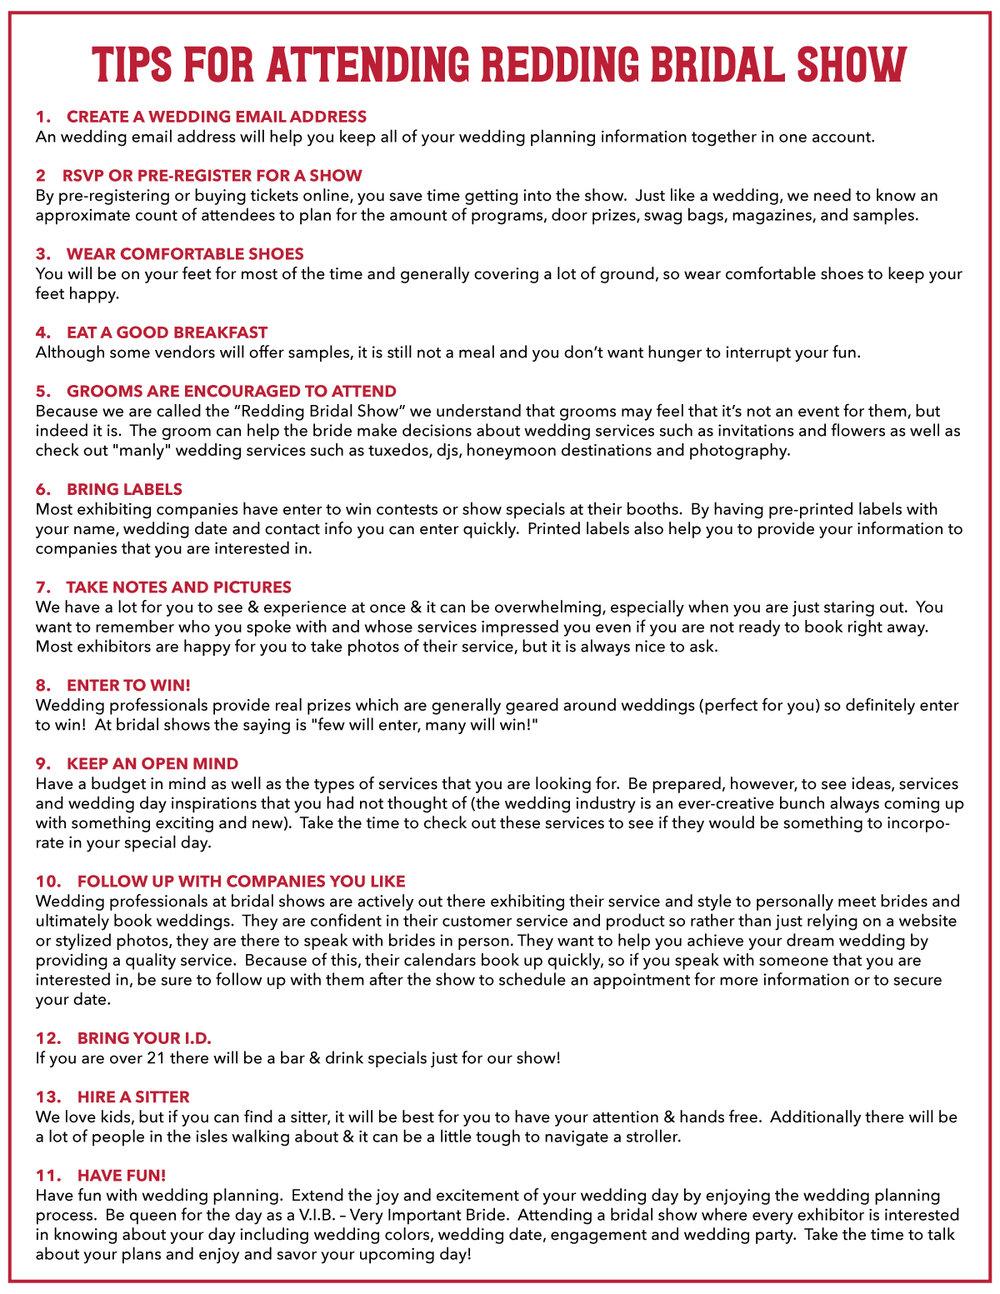 Tips For Attending Redding Bridal Show.jpg